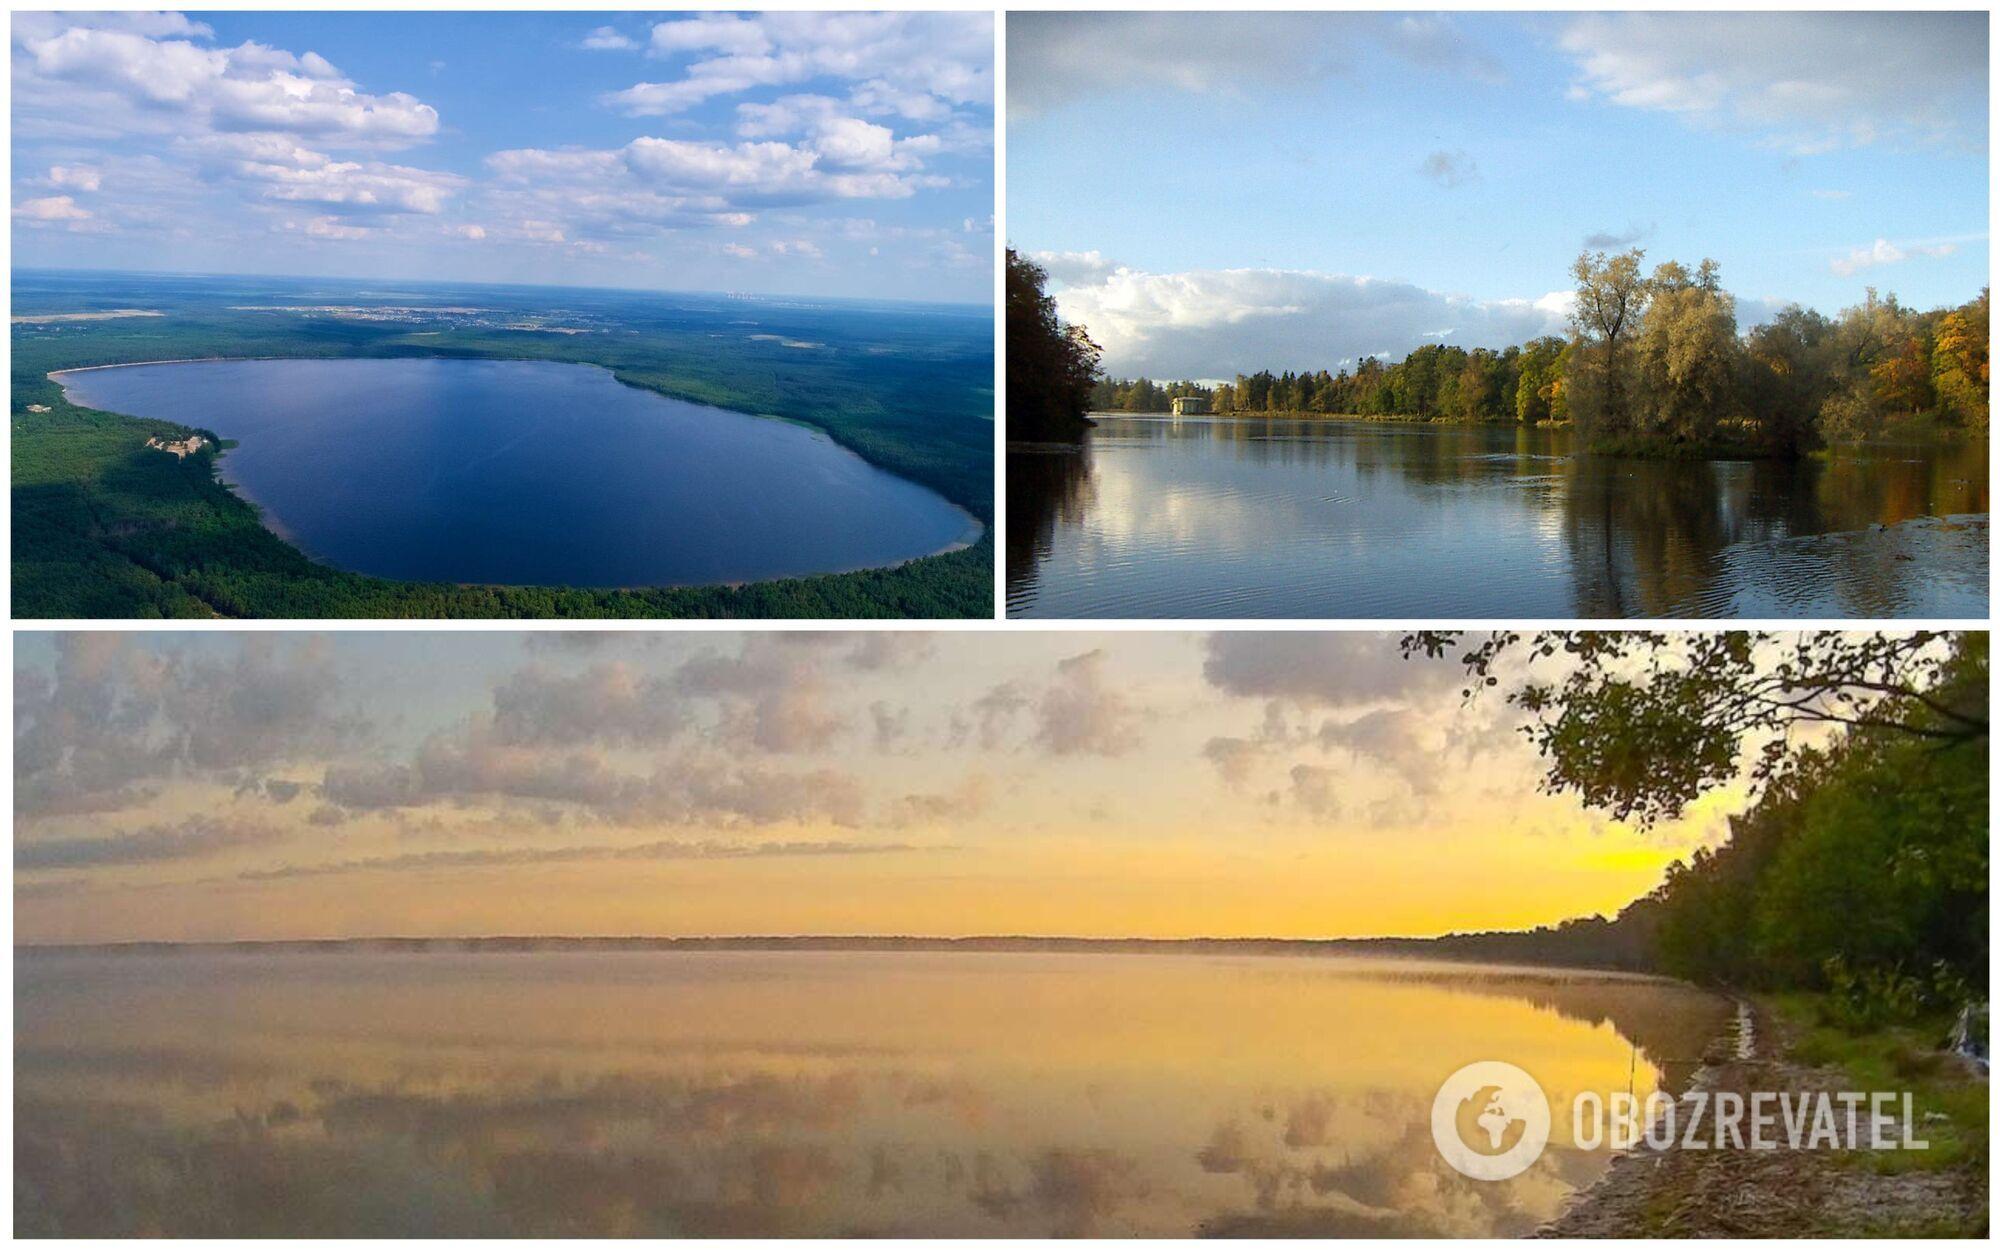 У Білому озері міститься багато гліцерину